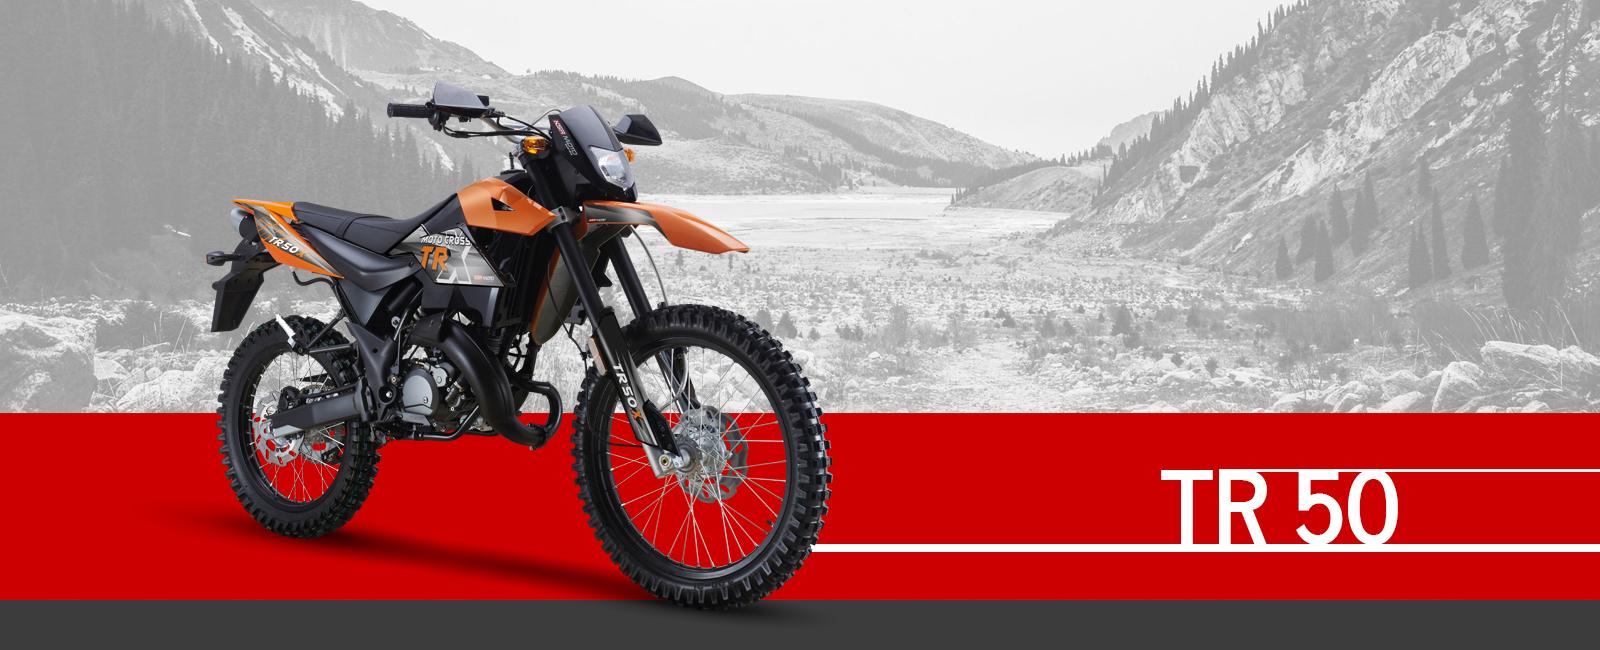 KSR-MOTO TR 50 X motocross enduro